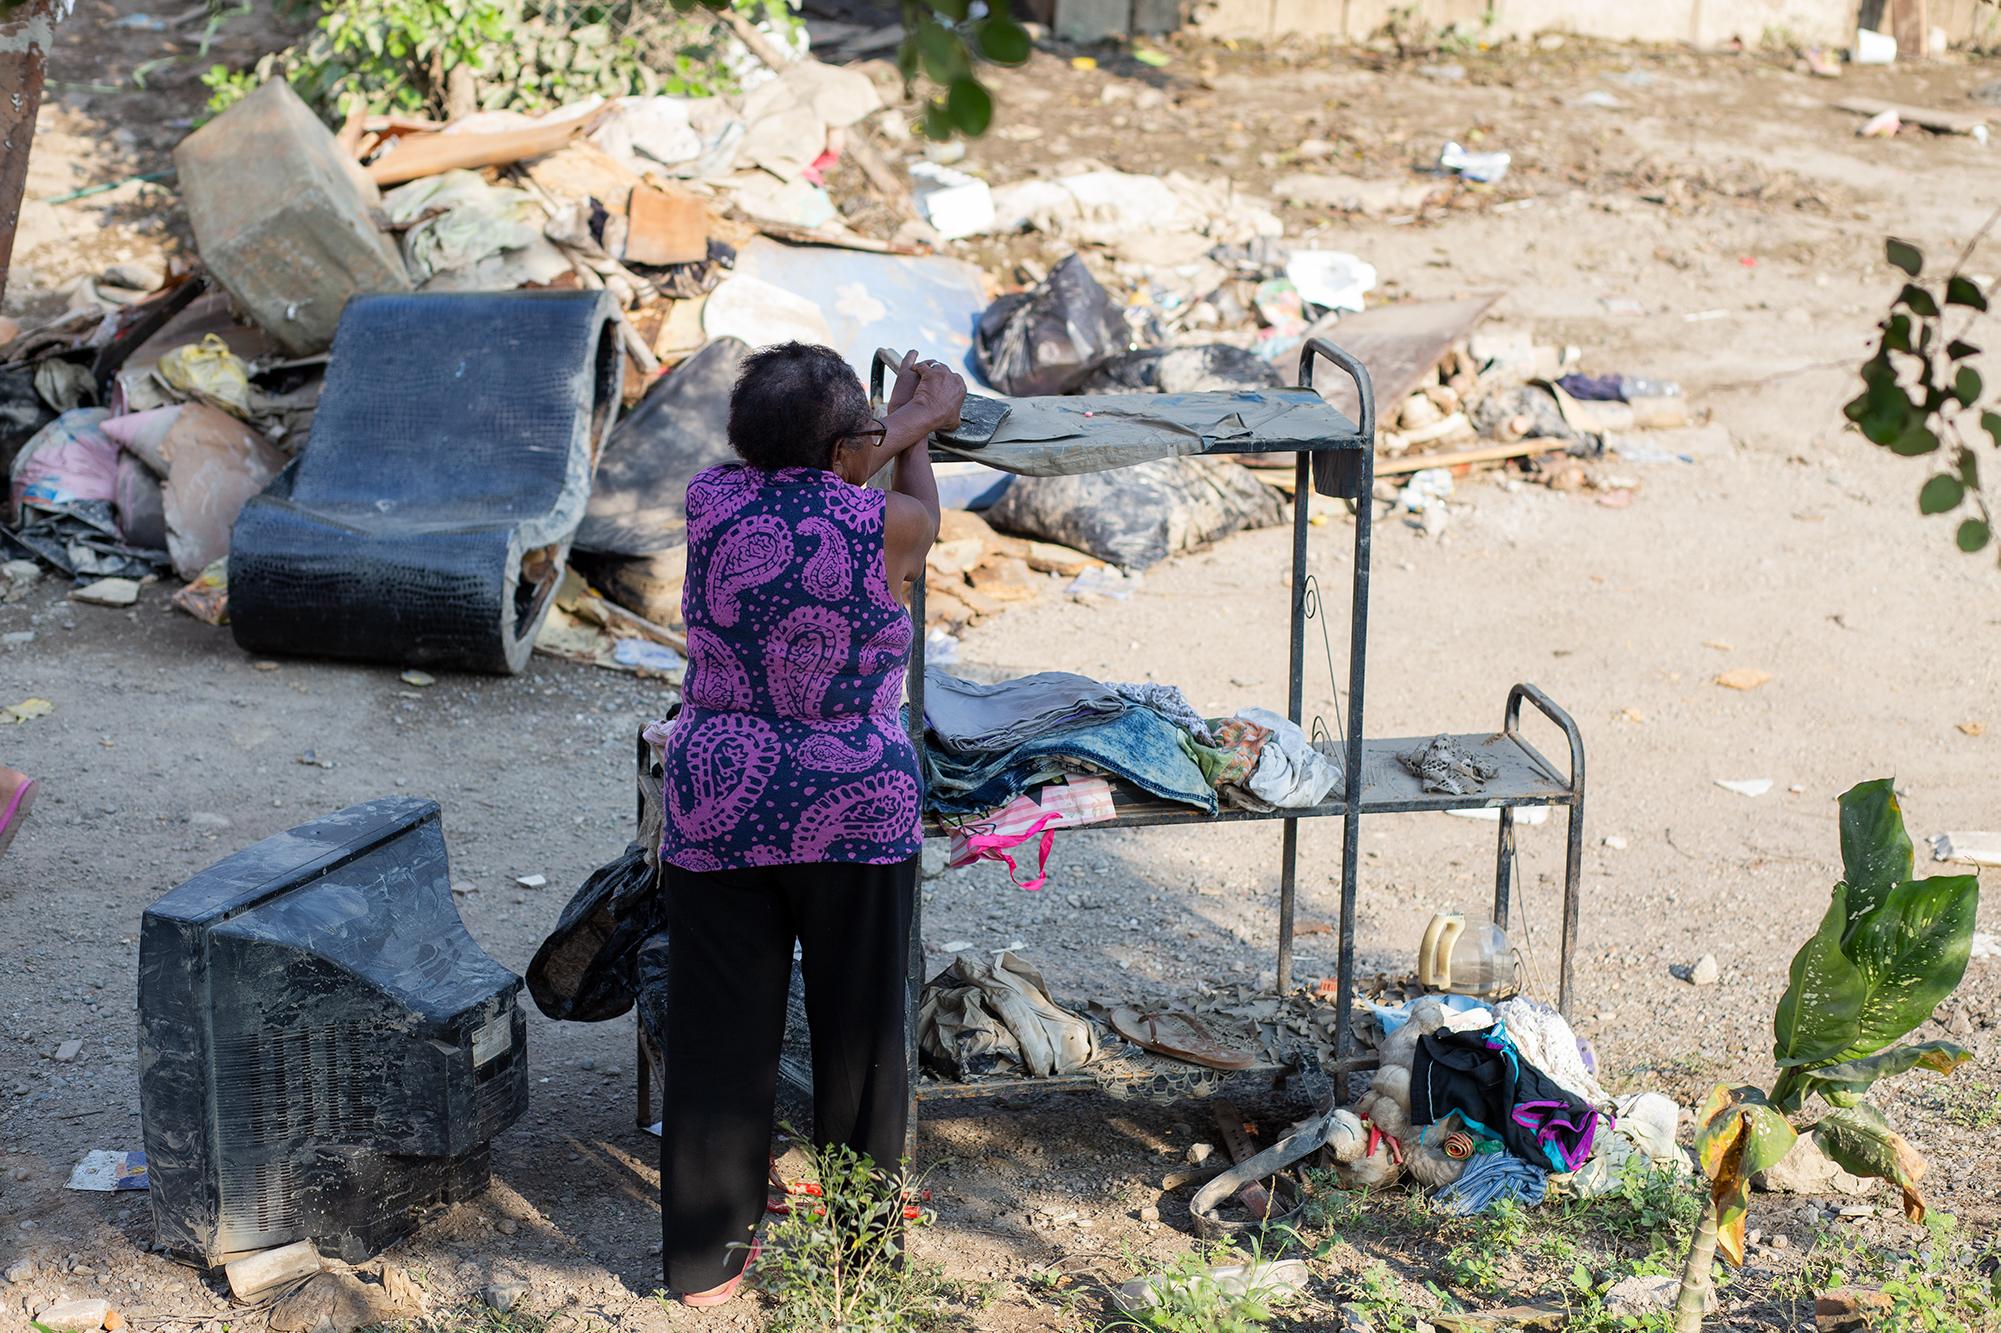 Una mujer se apoya sobre un mueble de sala en la colonia 23 de septiembre, del municipio de La Lima, donde al menos unas 200 familias salieron afectadas por las inundaciones provocadas por la tormenta tropical Eta. La Lima, Cortés, 13 de noviembre de 2020. Foto: Martín Cálix.